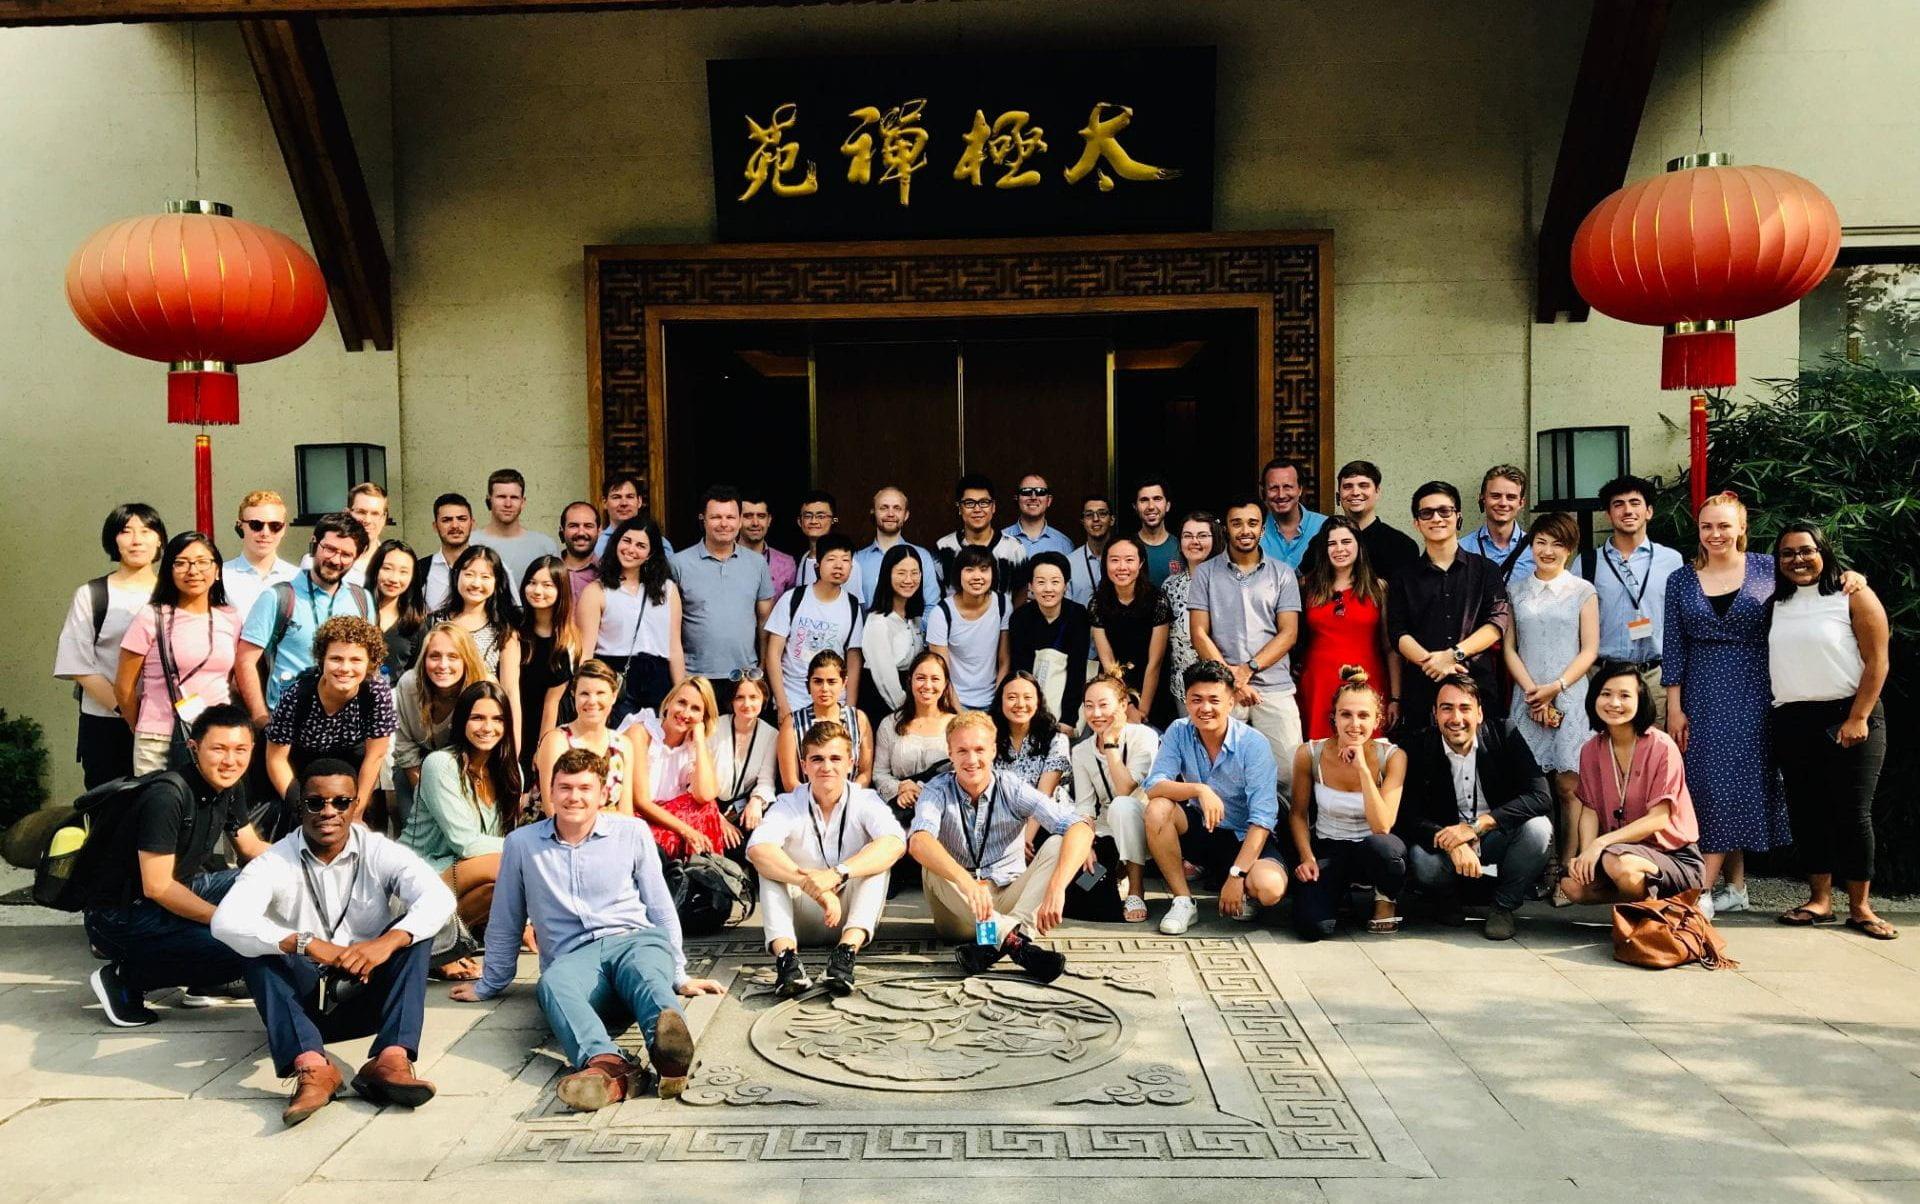 Group of Students at Fudan University